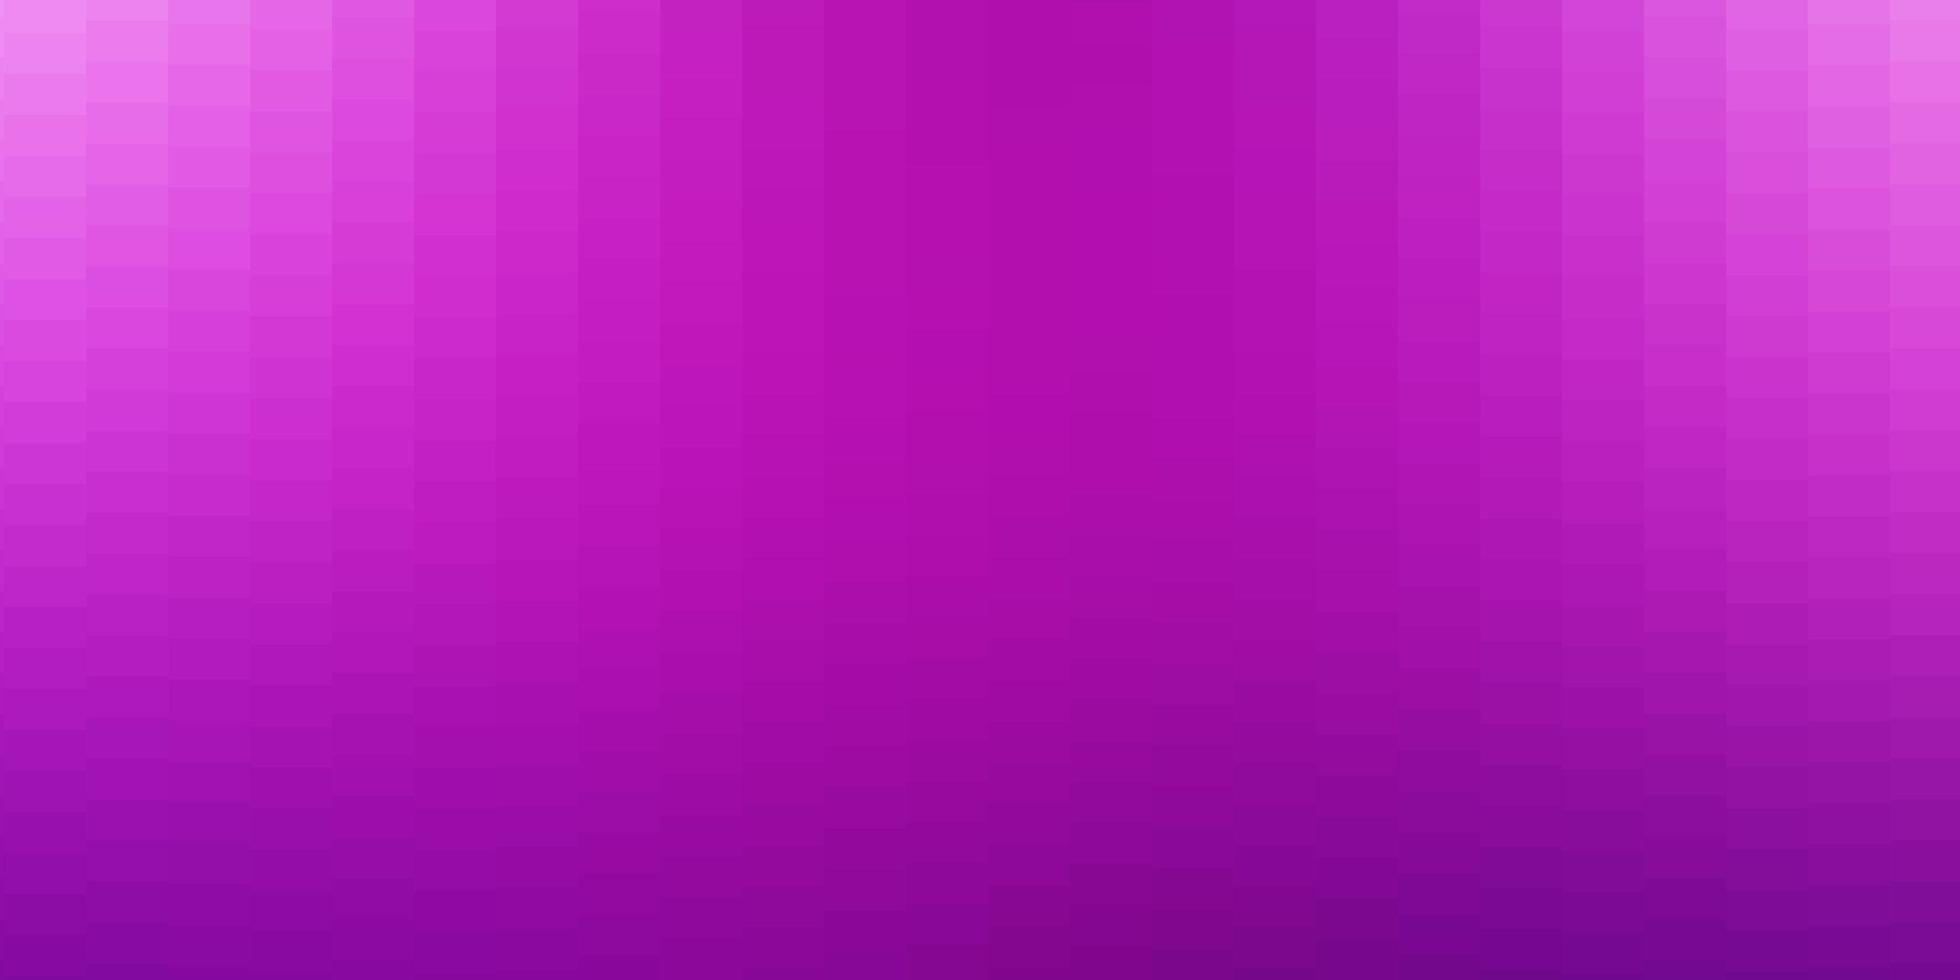 lichtroze vectorlay-out met lijnen, rechthoeken. vector